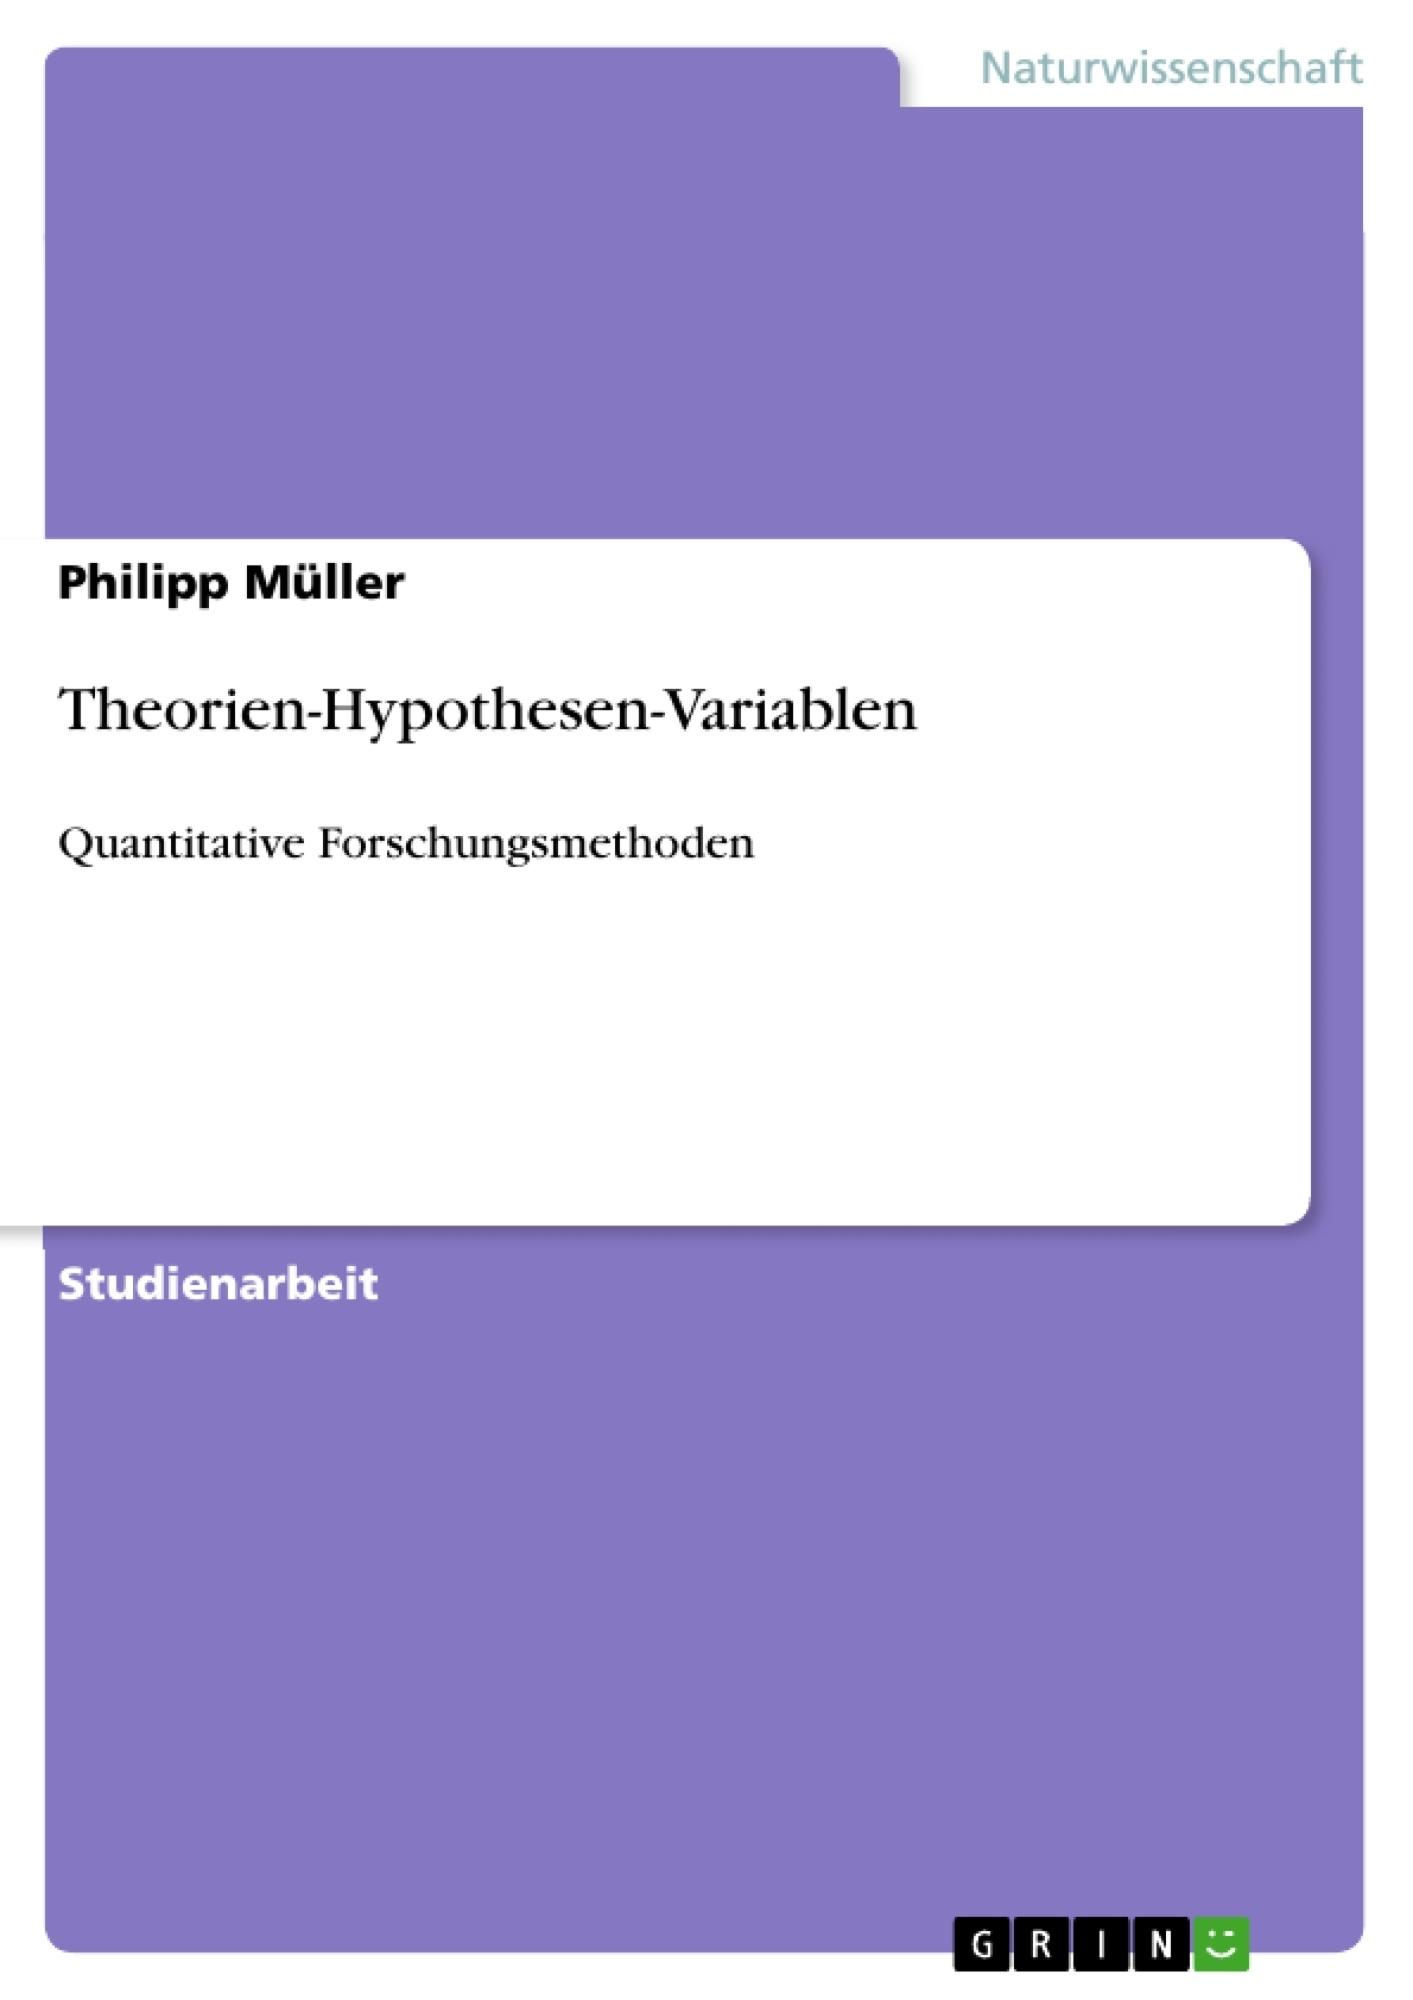 Titel: Theorien-Hypothesen-Variablen